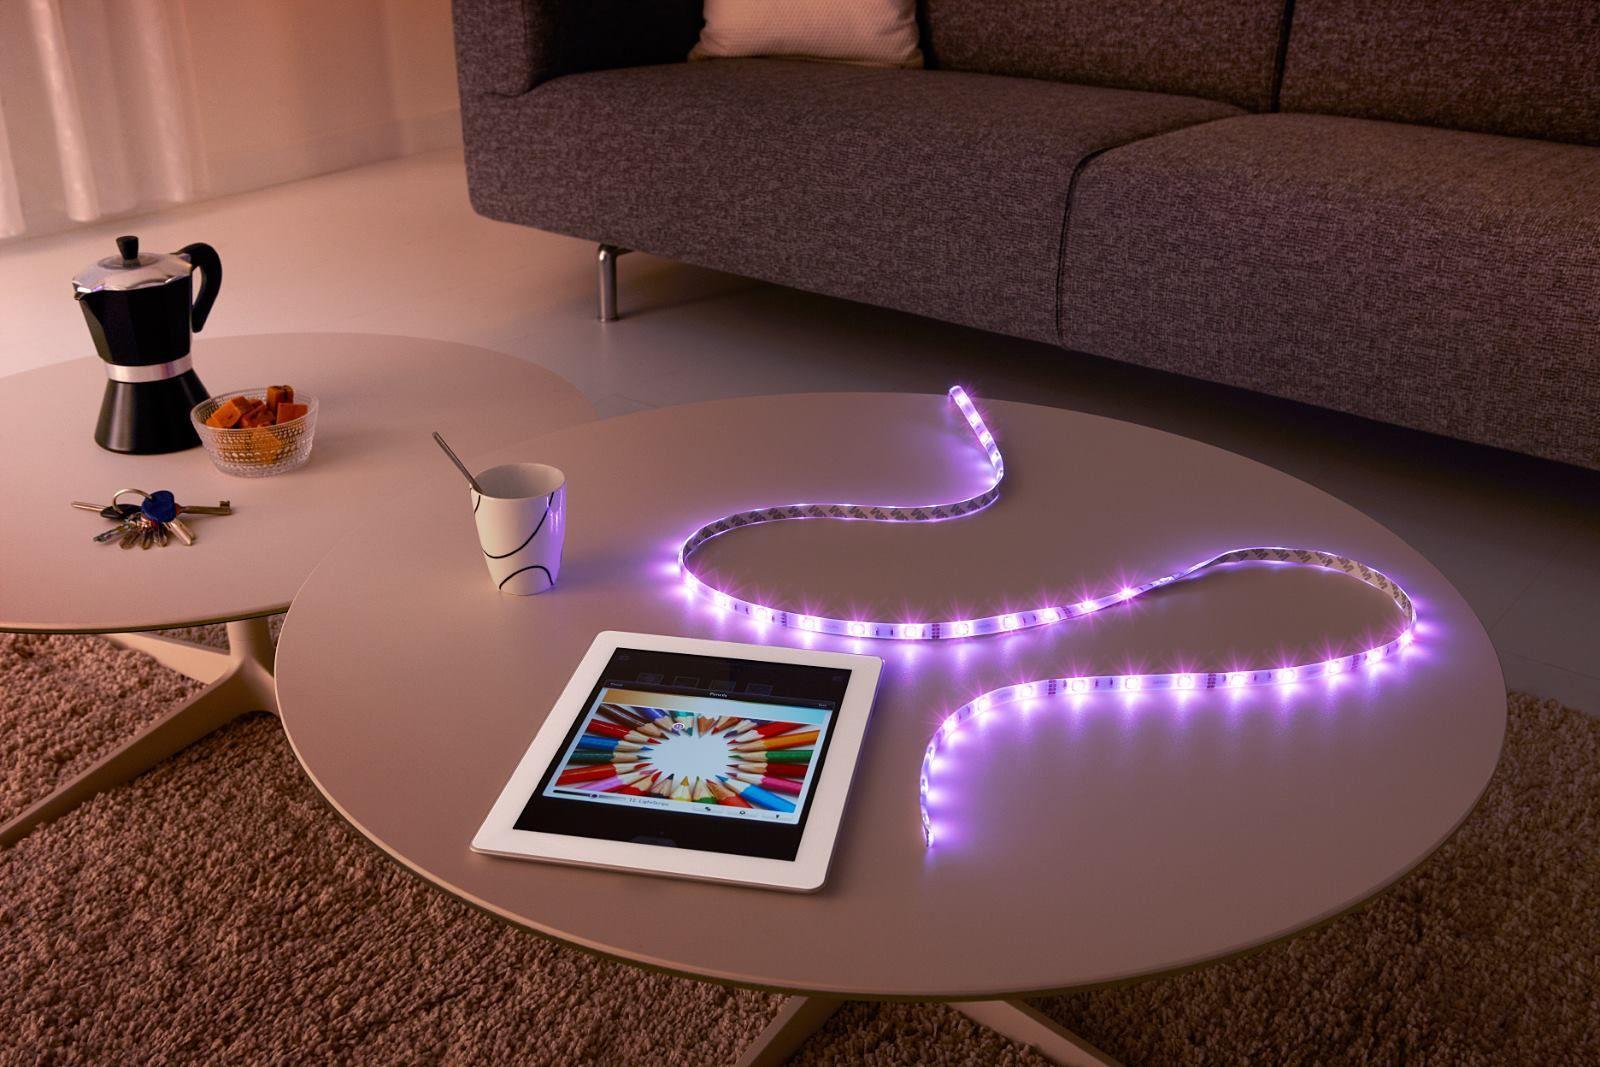 Lighting Gift Ideas Philips Friends of Hue 2m LED LightStrips